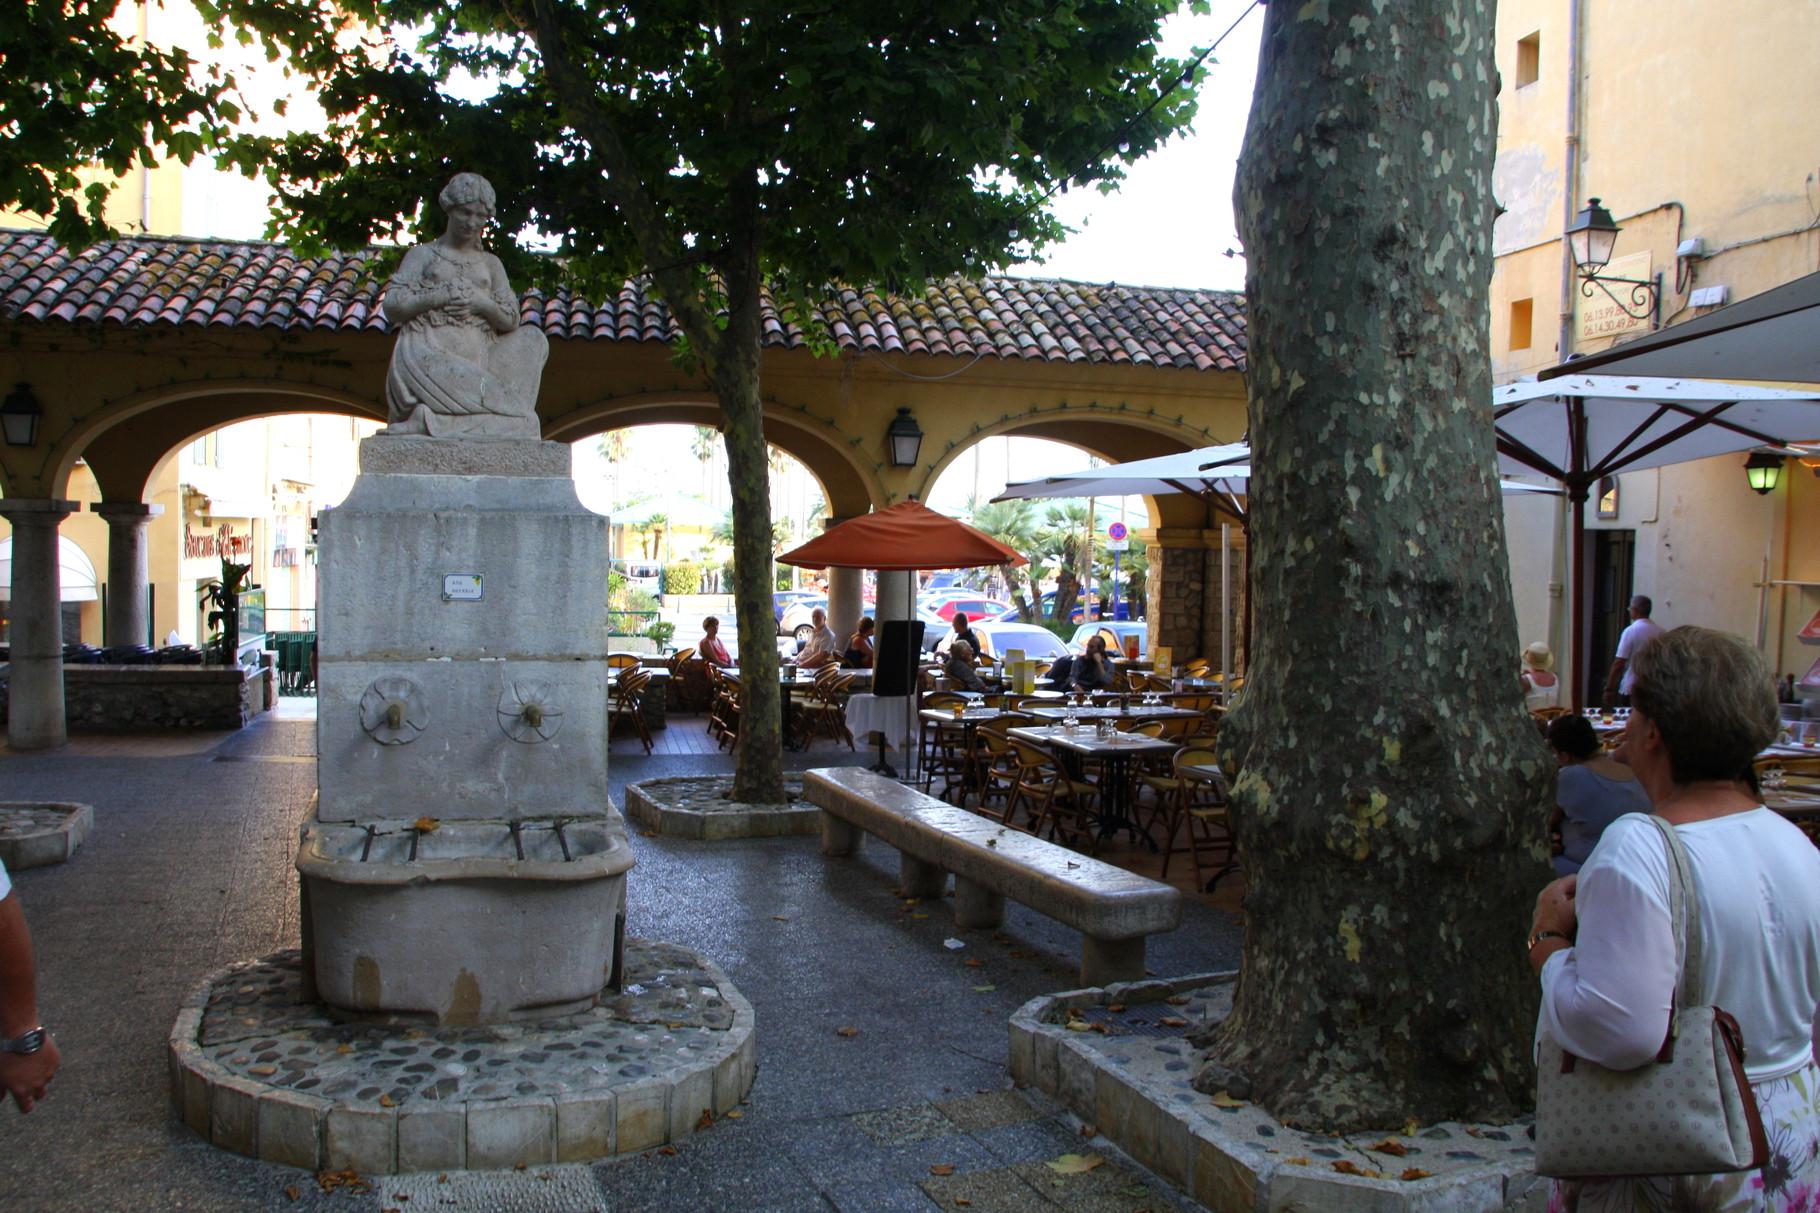 Bild: Fontaine in Menton